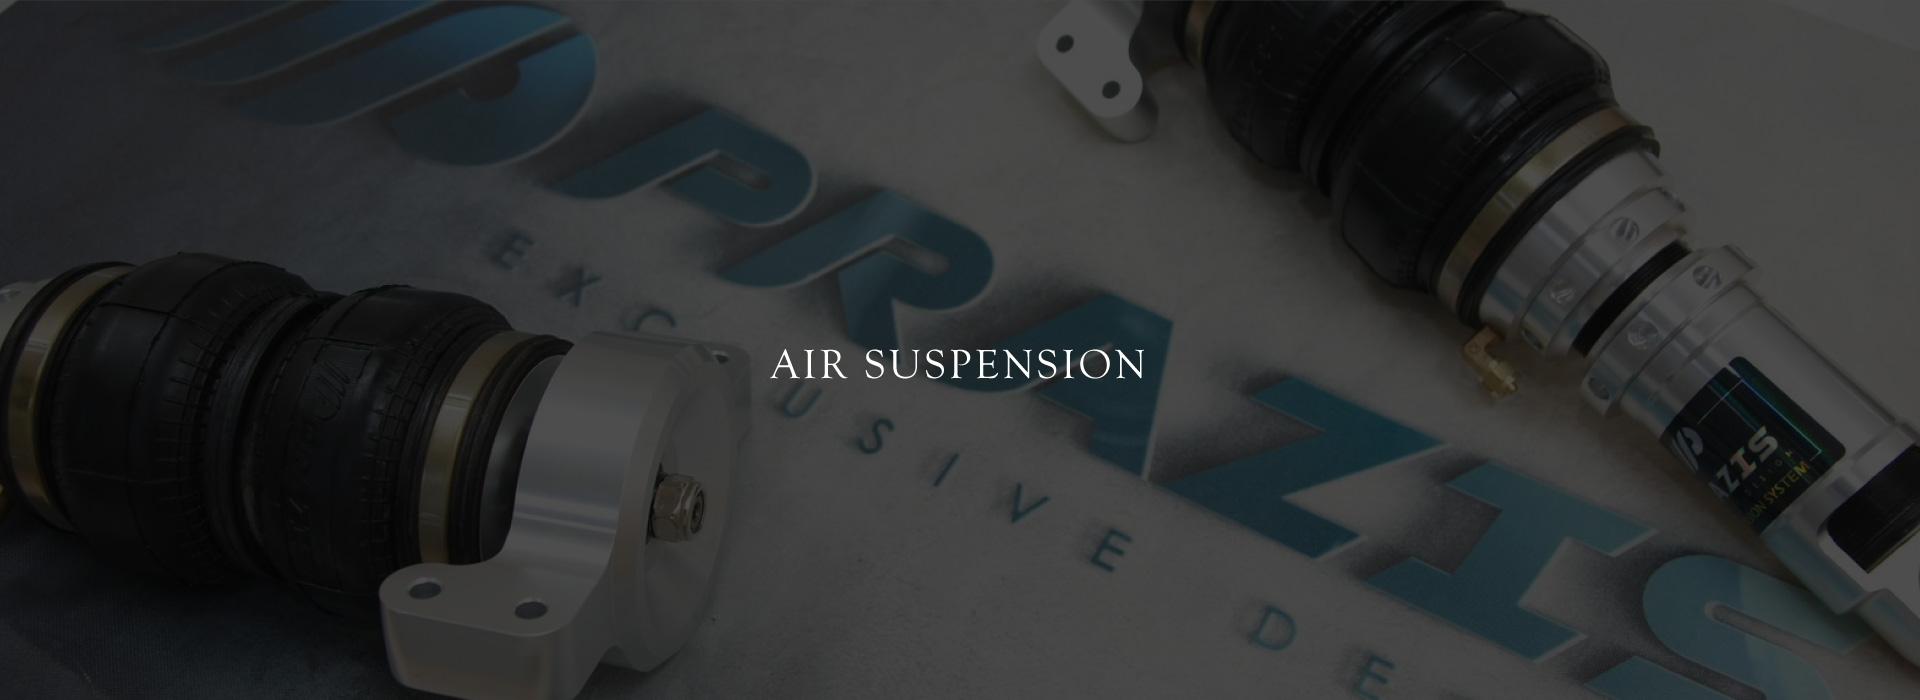 AirSuspension